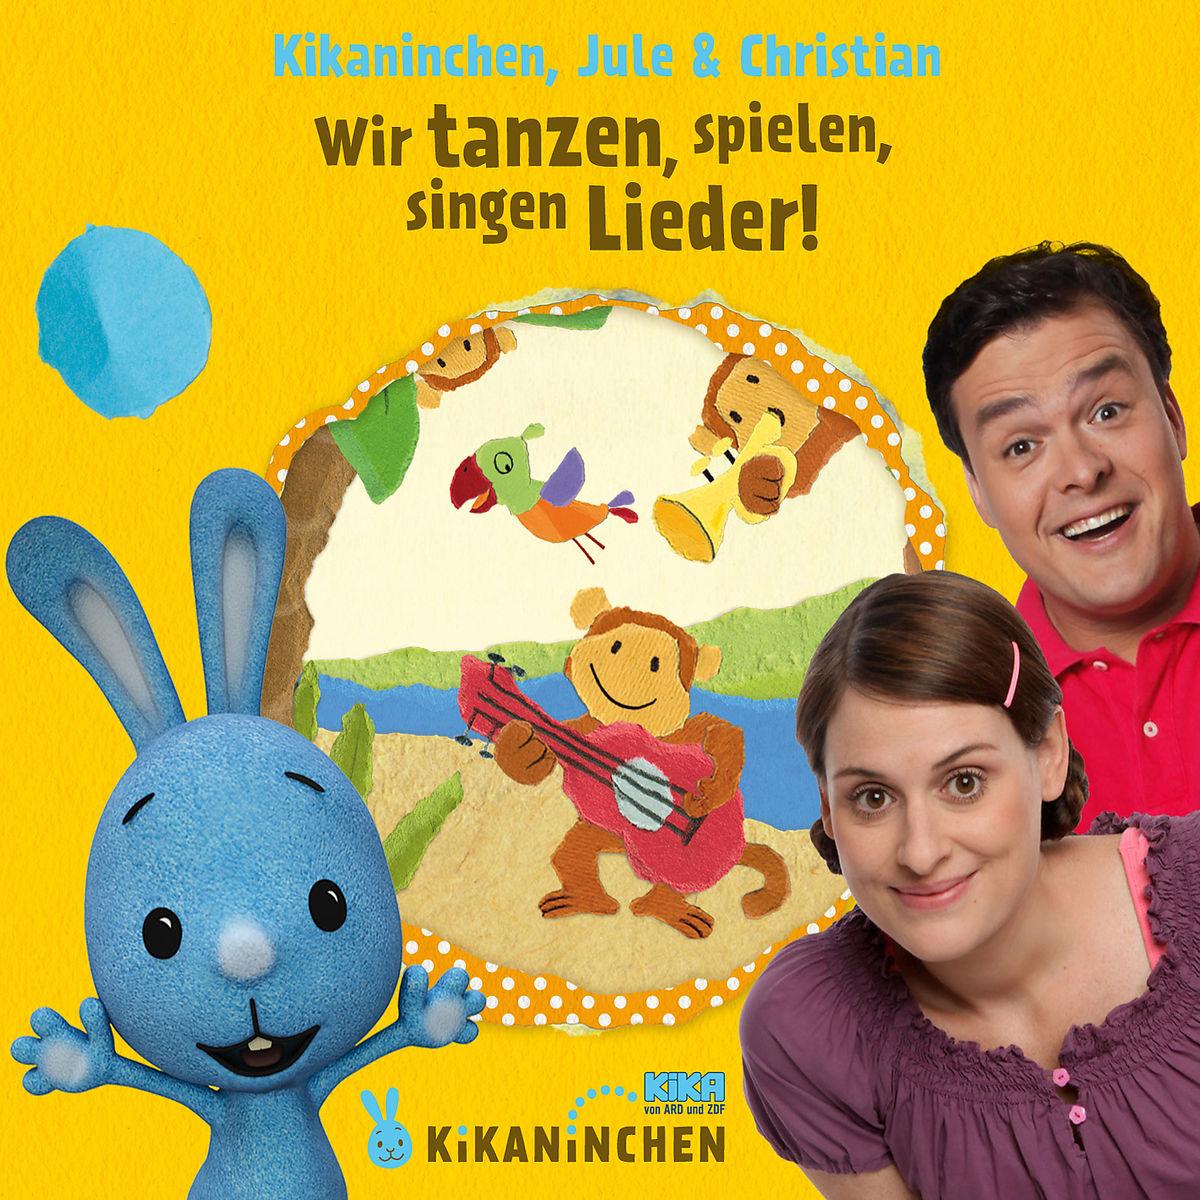 Kikaninchen,Jule & Christian - Wir Tanzen,Spielen,Singen Lieder! das 2.Album